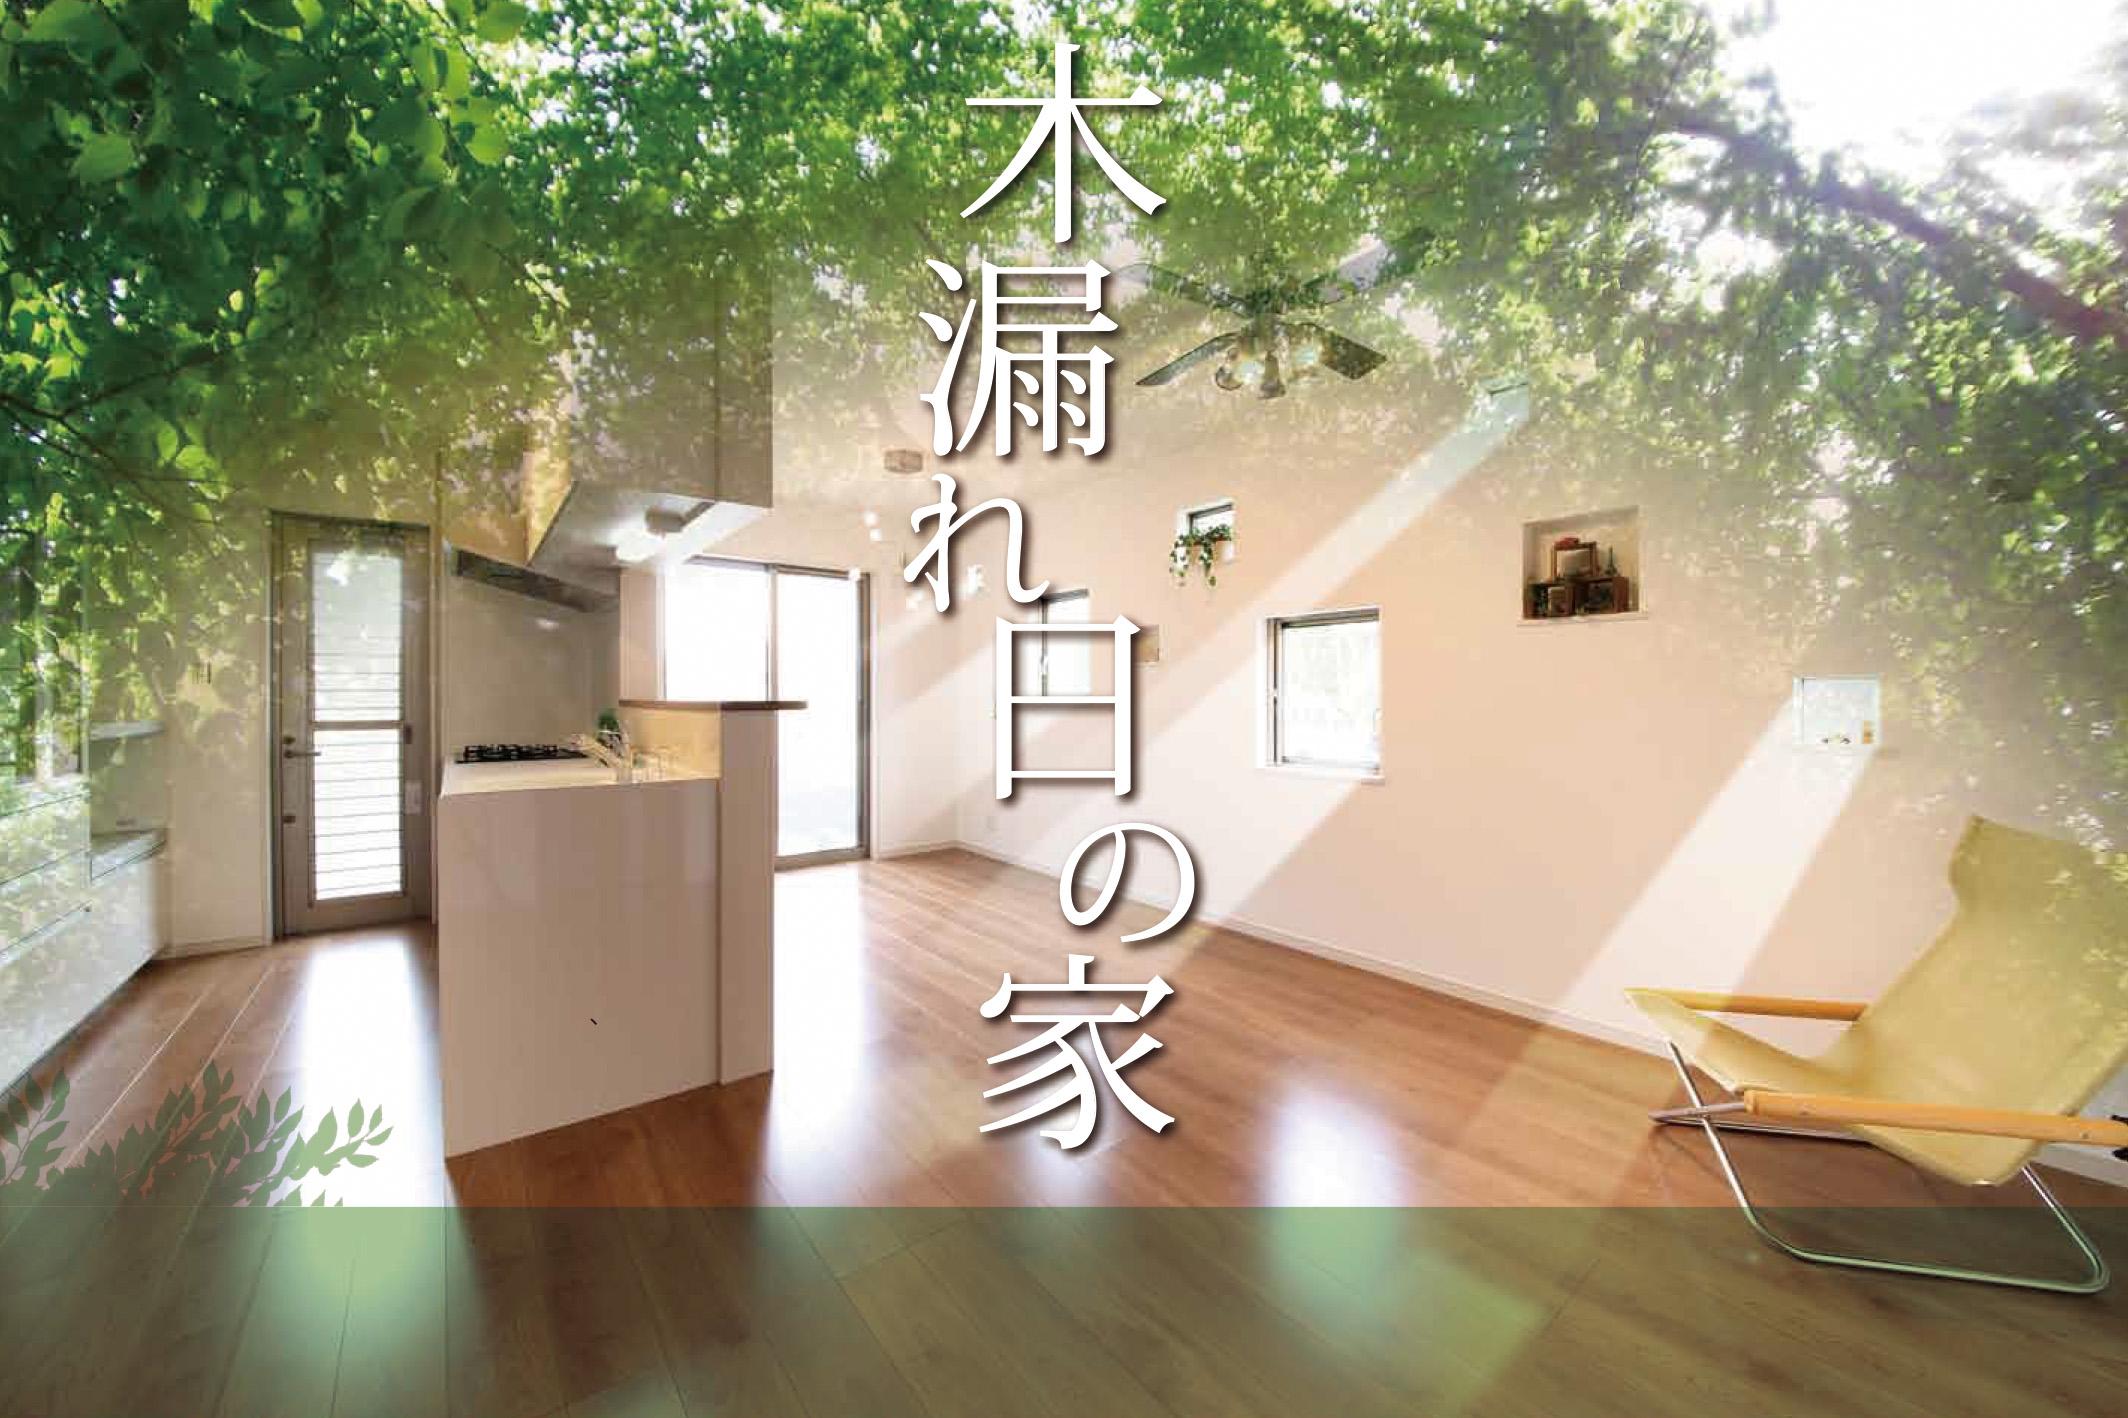 木々のような木漏れ日を巧みな建築デザインによって、心地よい自然を体感。